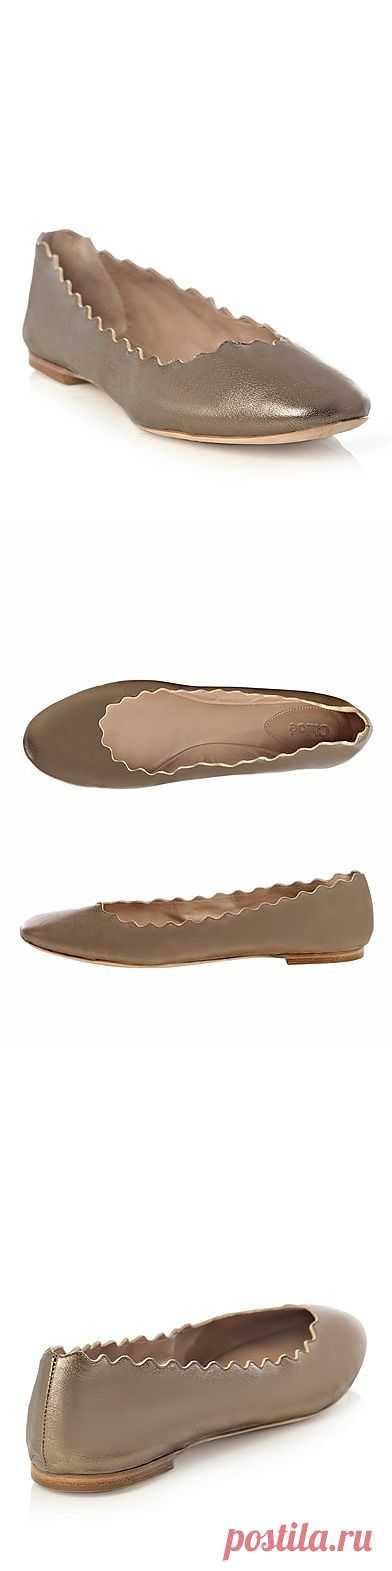 Волна на балетках / Обувь / Модный сайт о стильной переделке одежды и интерьера